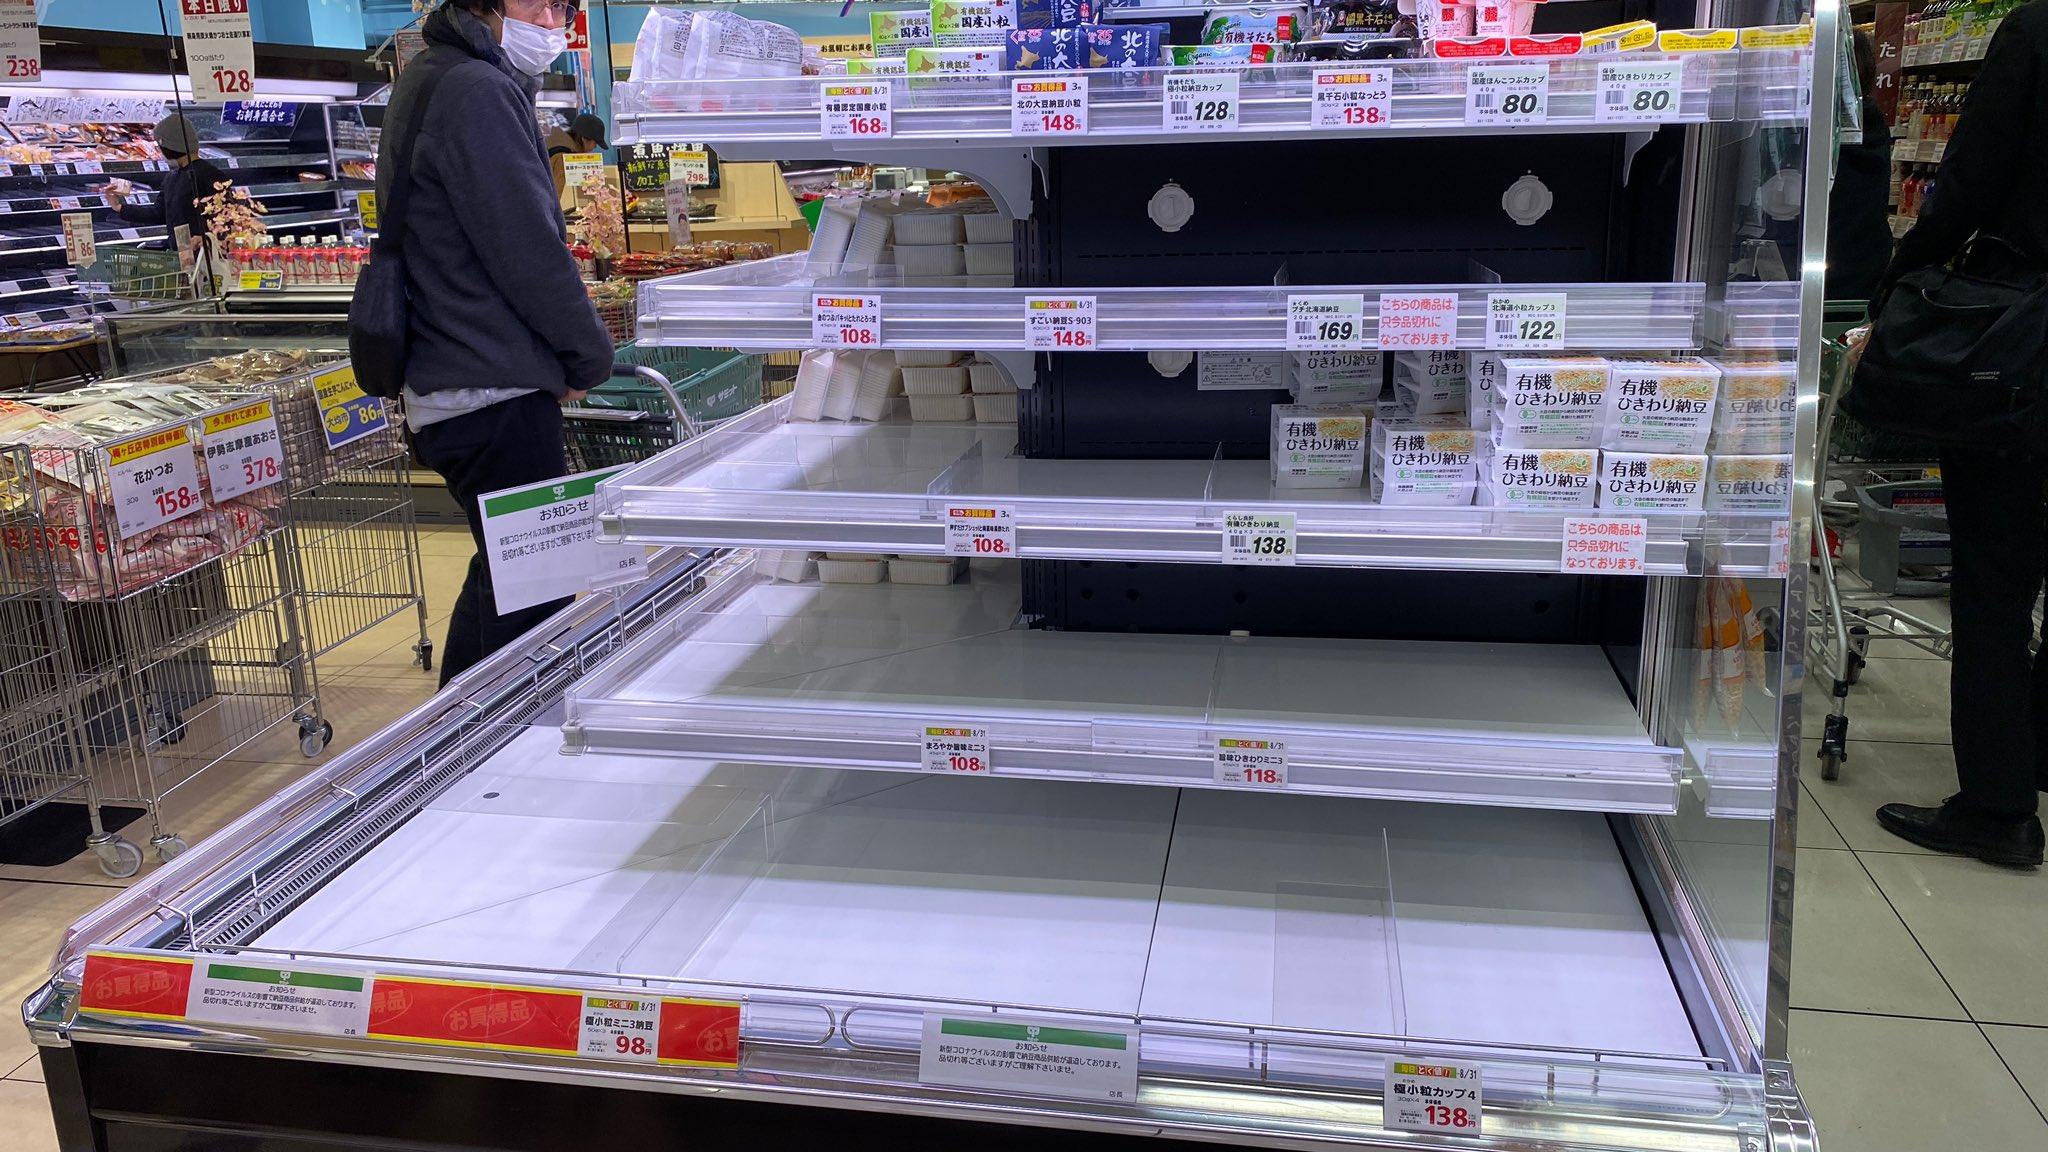 画像,都知事の会見を受けてこの時間にスーパーが大混雑。やっぱりこうなるか。とりあえず保存食と必要なもん買って帰るか。 https://t.co/SLkHgi06V2…